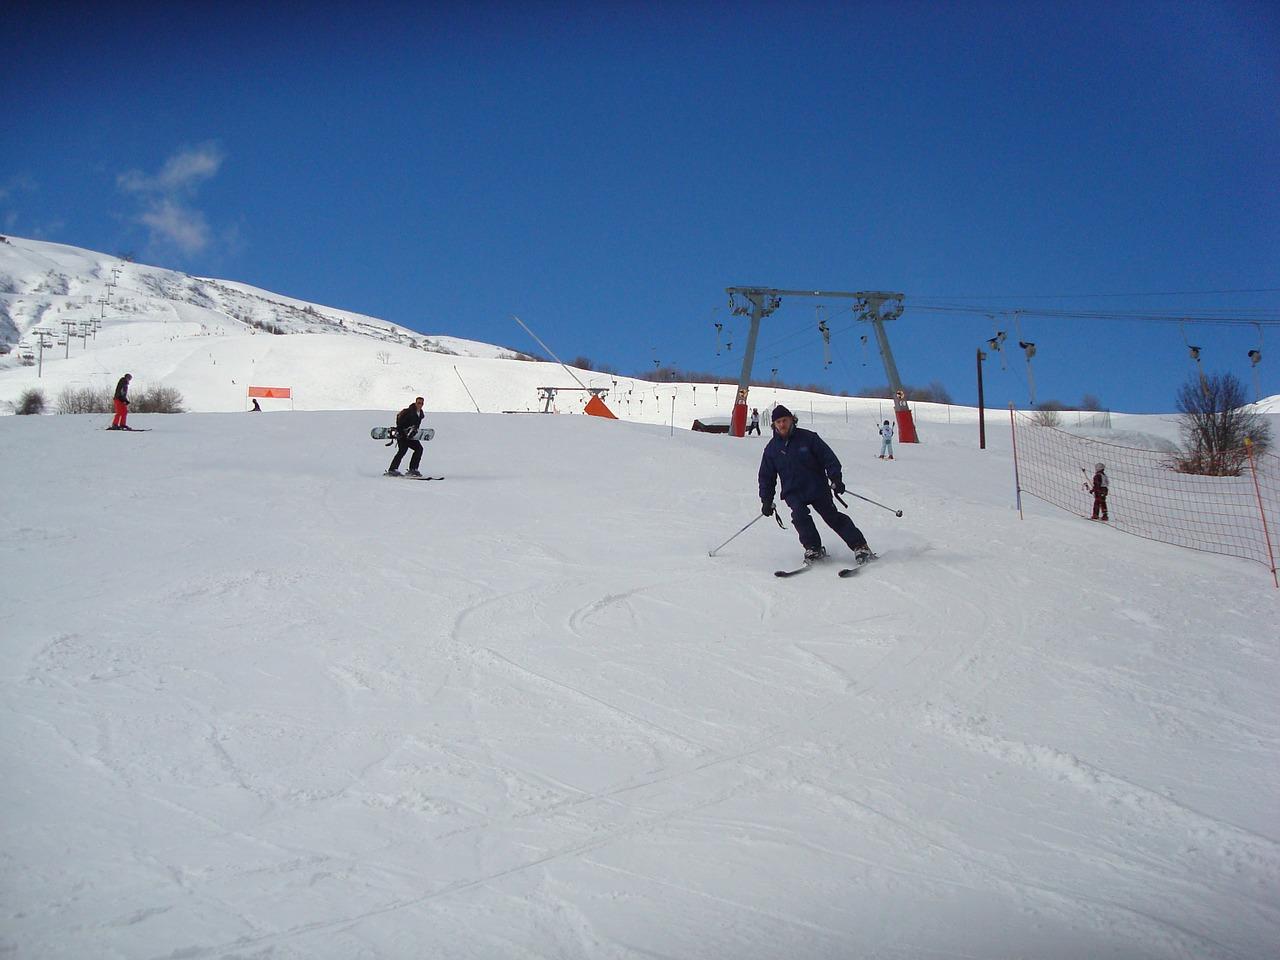 Gaat het skiën in 2021 door?